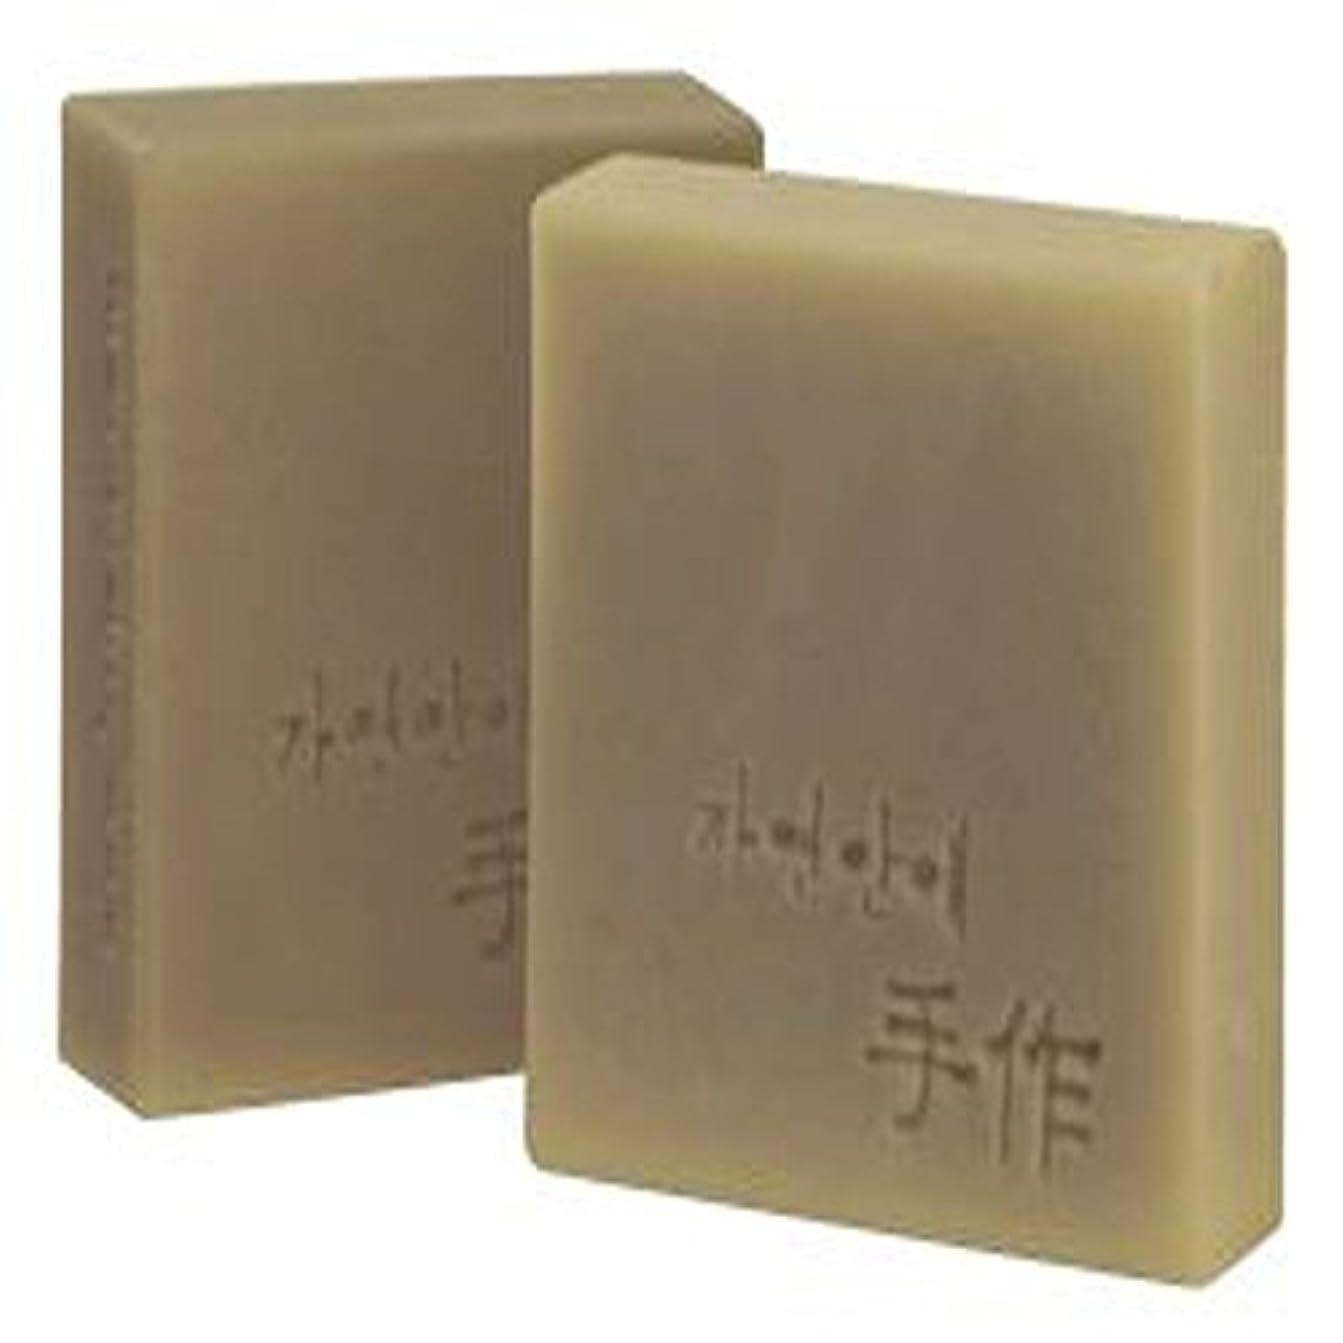 メディアハード大腿Natural organic 有機天然ソープ 固形 無添加 洗顔せっけんクレンジング [並行輸入品] (何首烏)